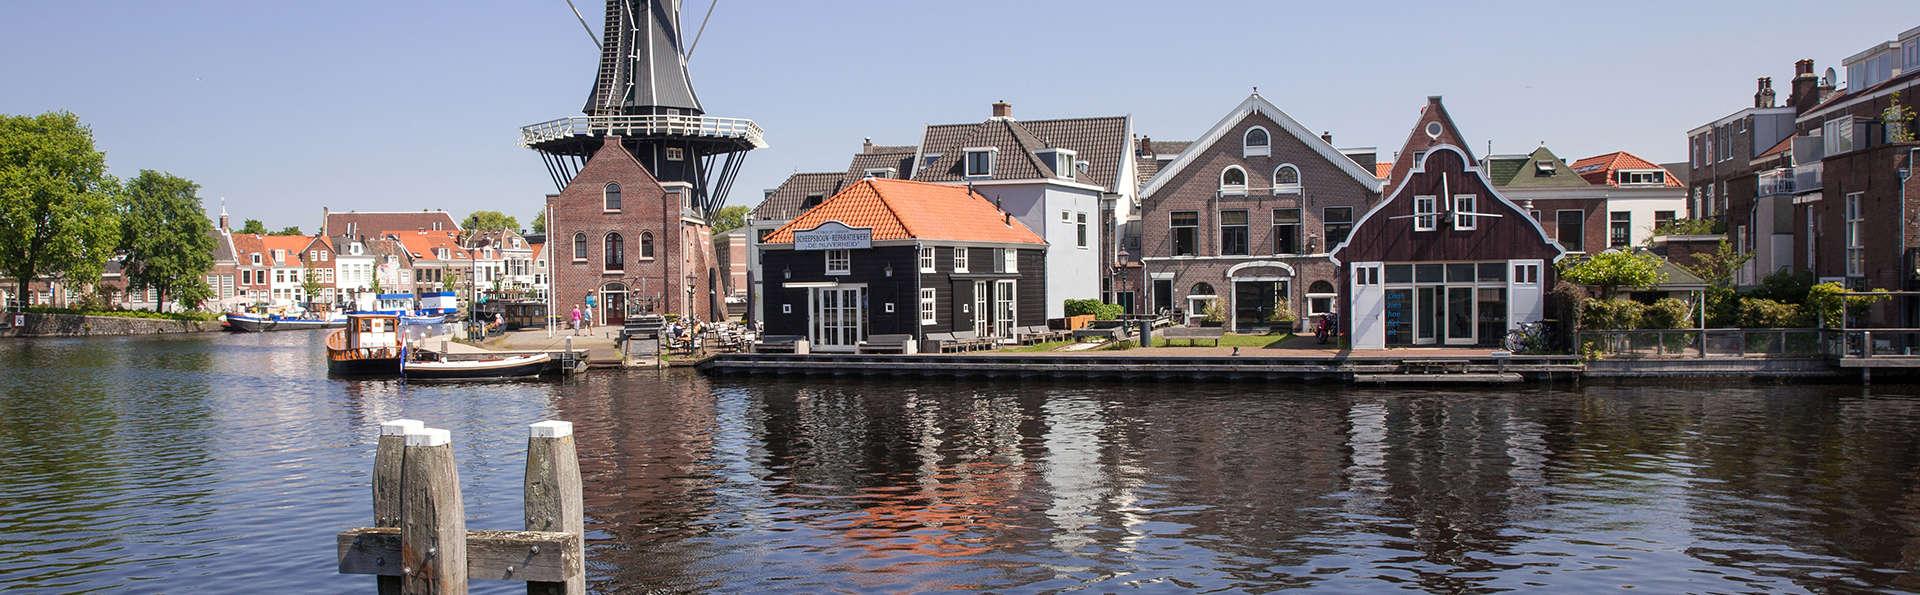 Explorez la pittoresque ville d'Haarlem